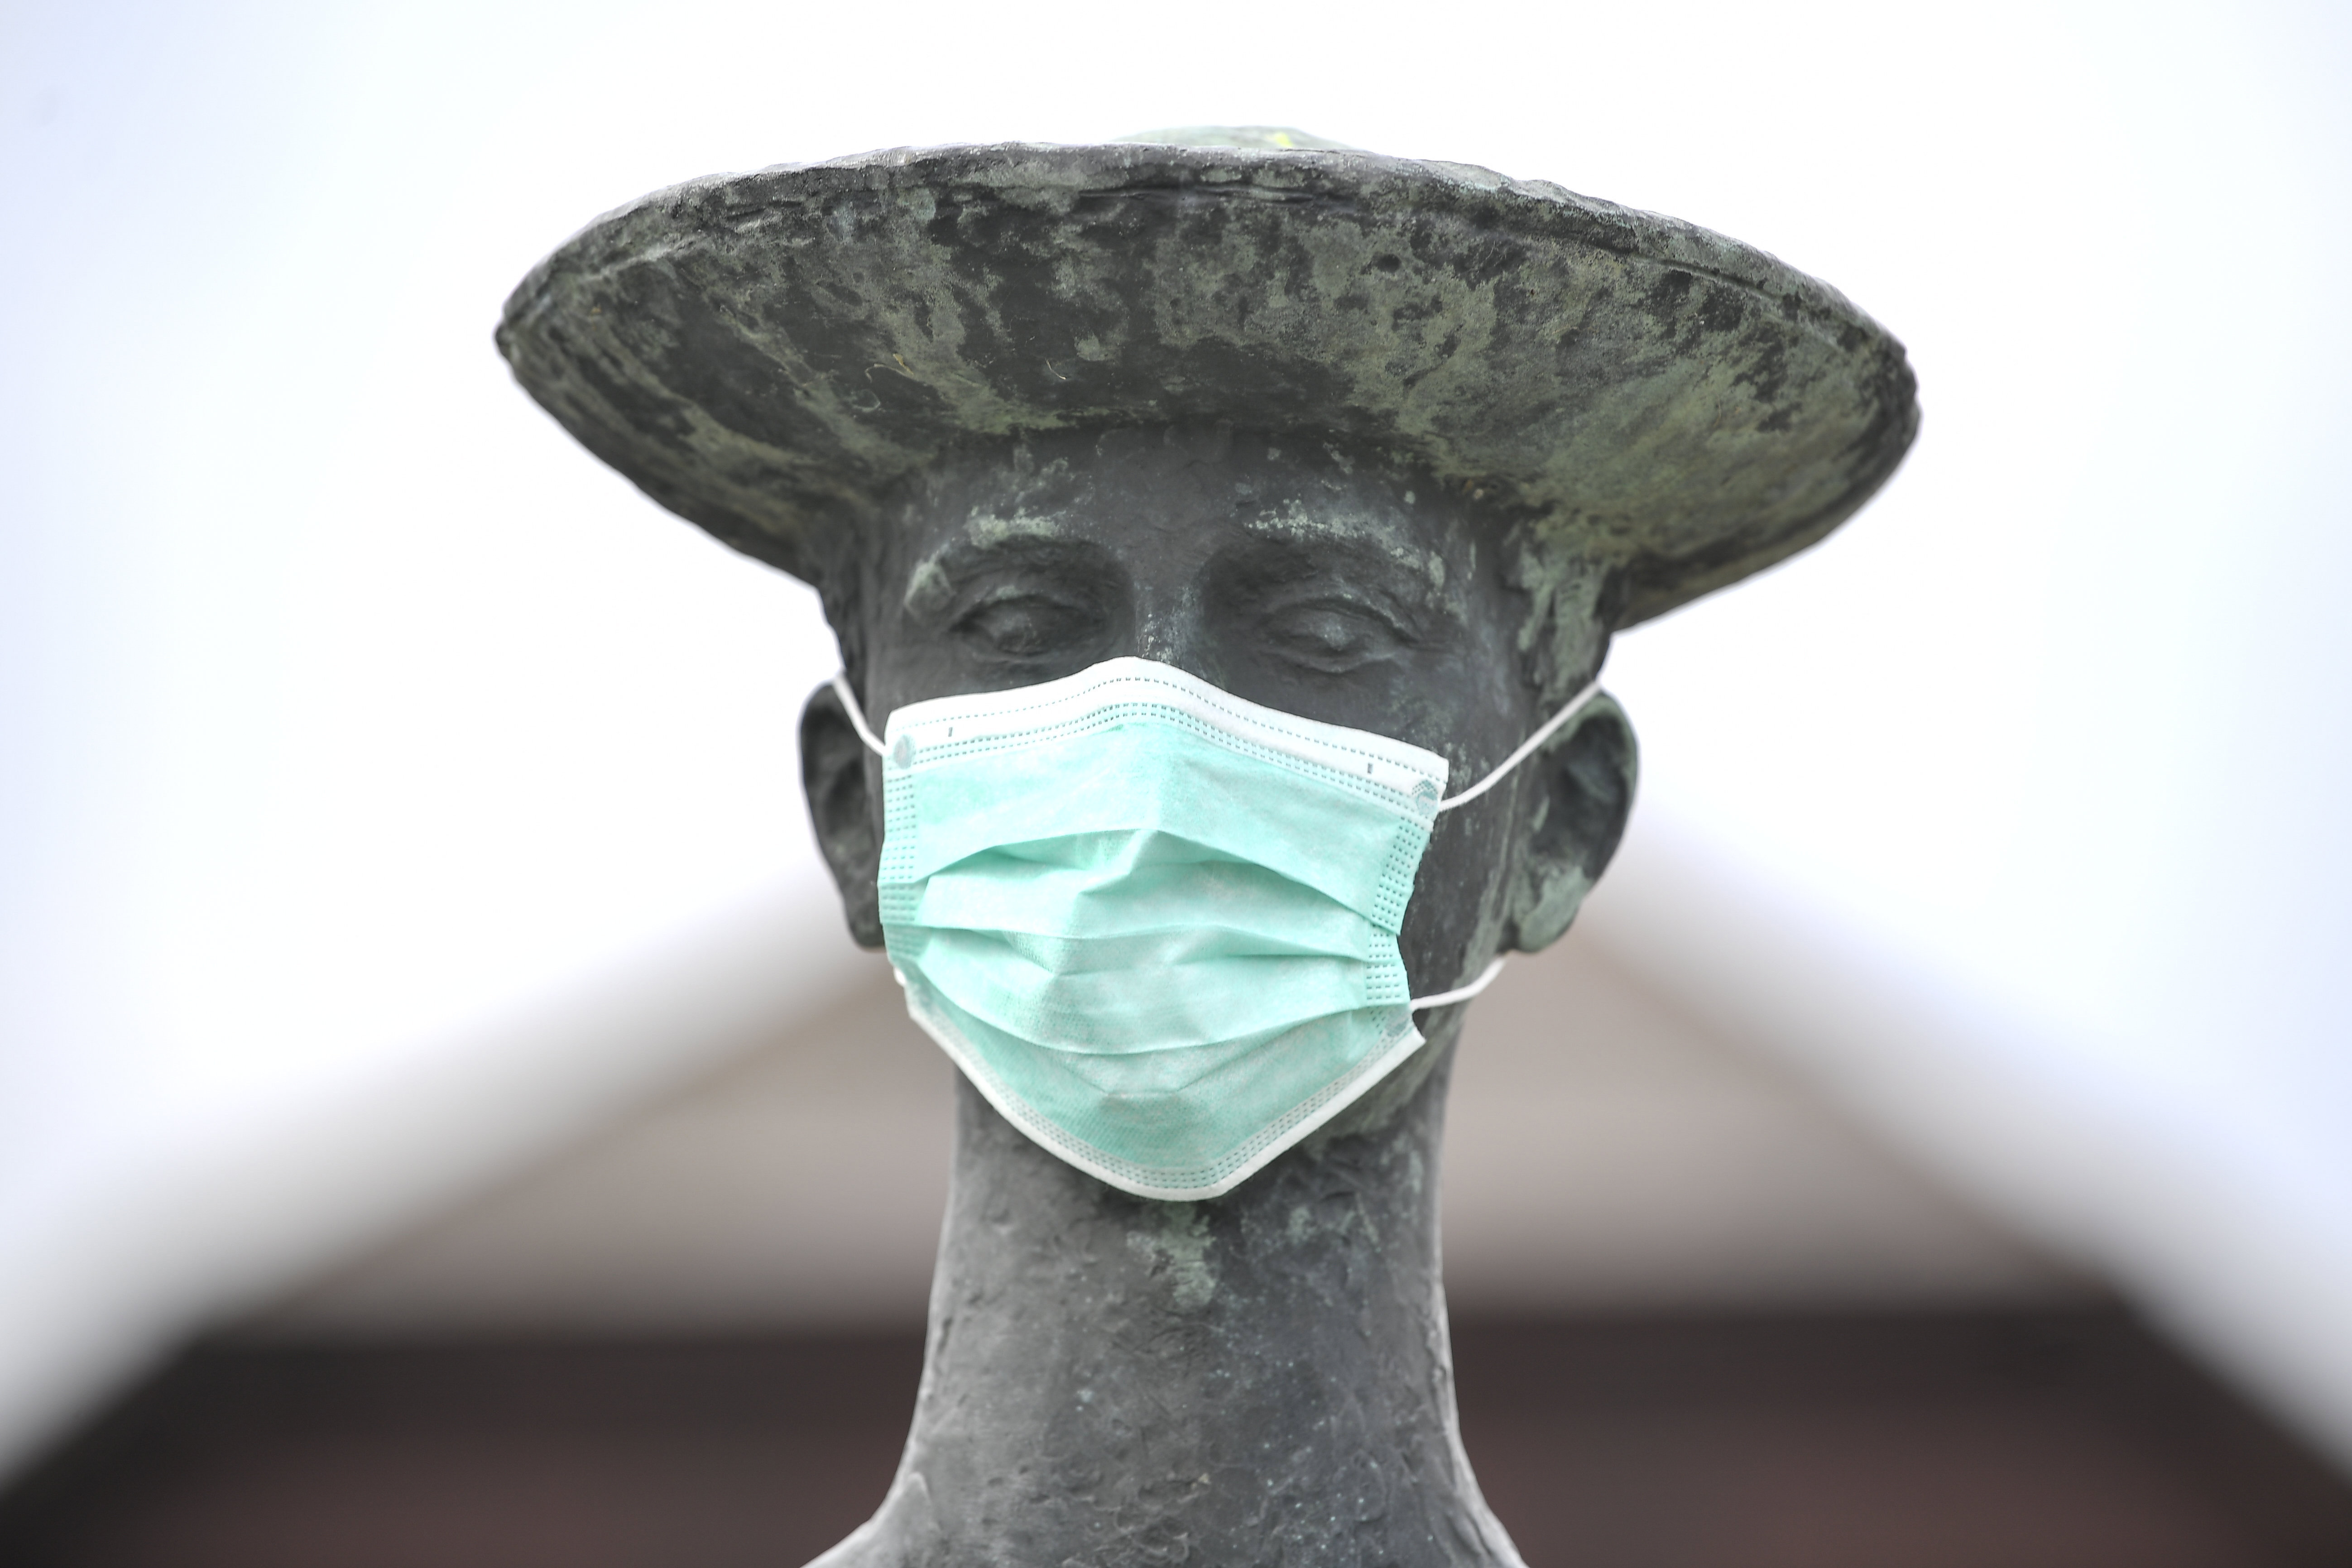 Hiába mondja sok gyakorló orvos az ellenkezőjét, a WHO továbbra is feleslegesnek tartja az egészségesek orvosimaszk-viselését